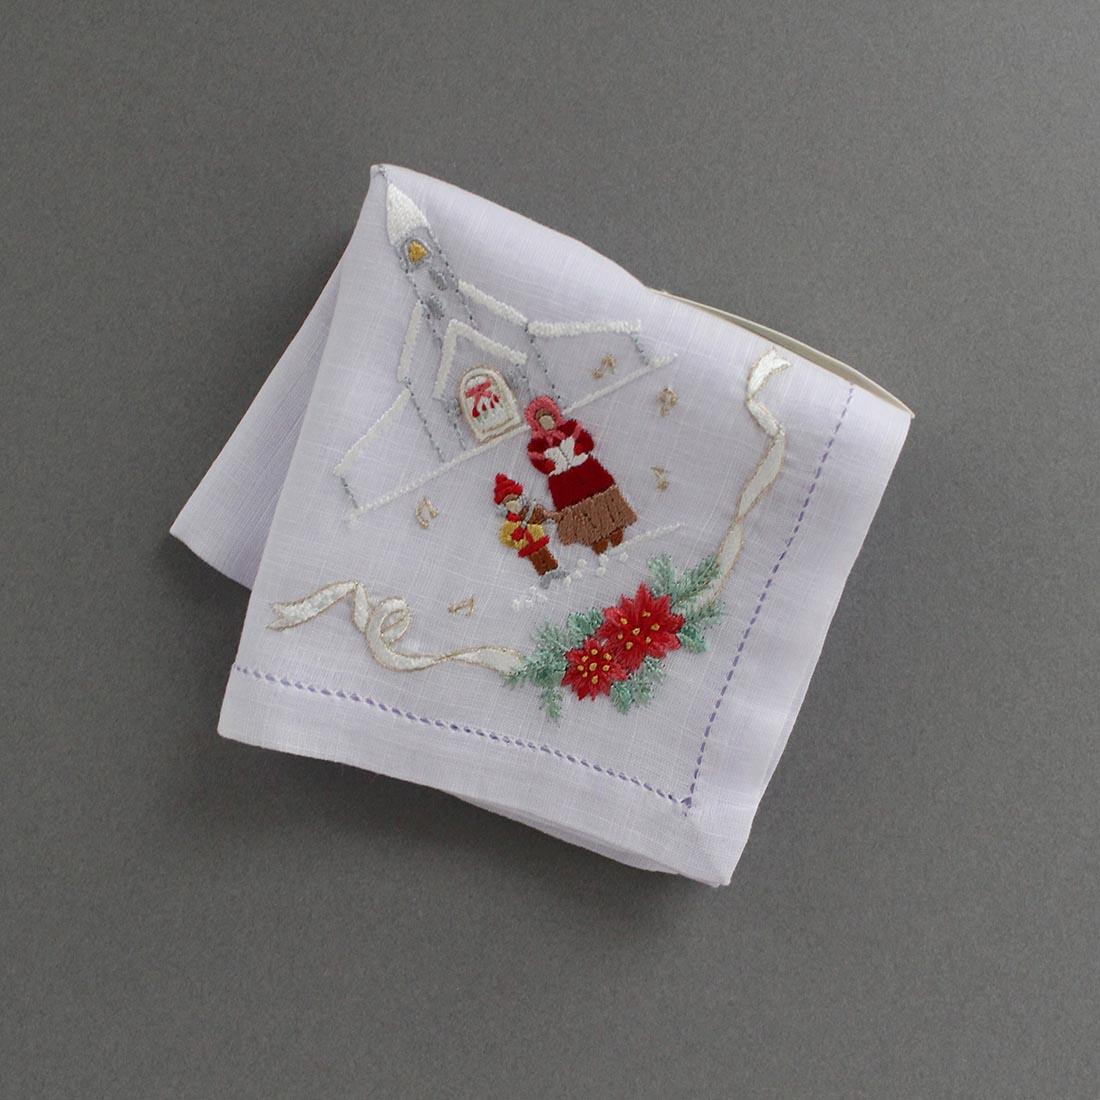 ポワンポワン ベトナム手刺繍ハンカチ Xmas 6702-28 教会 ラベンダー